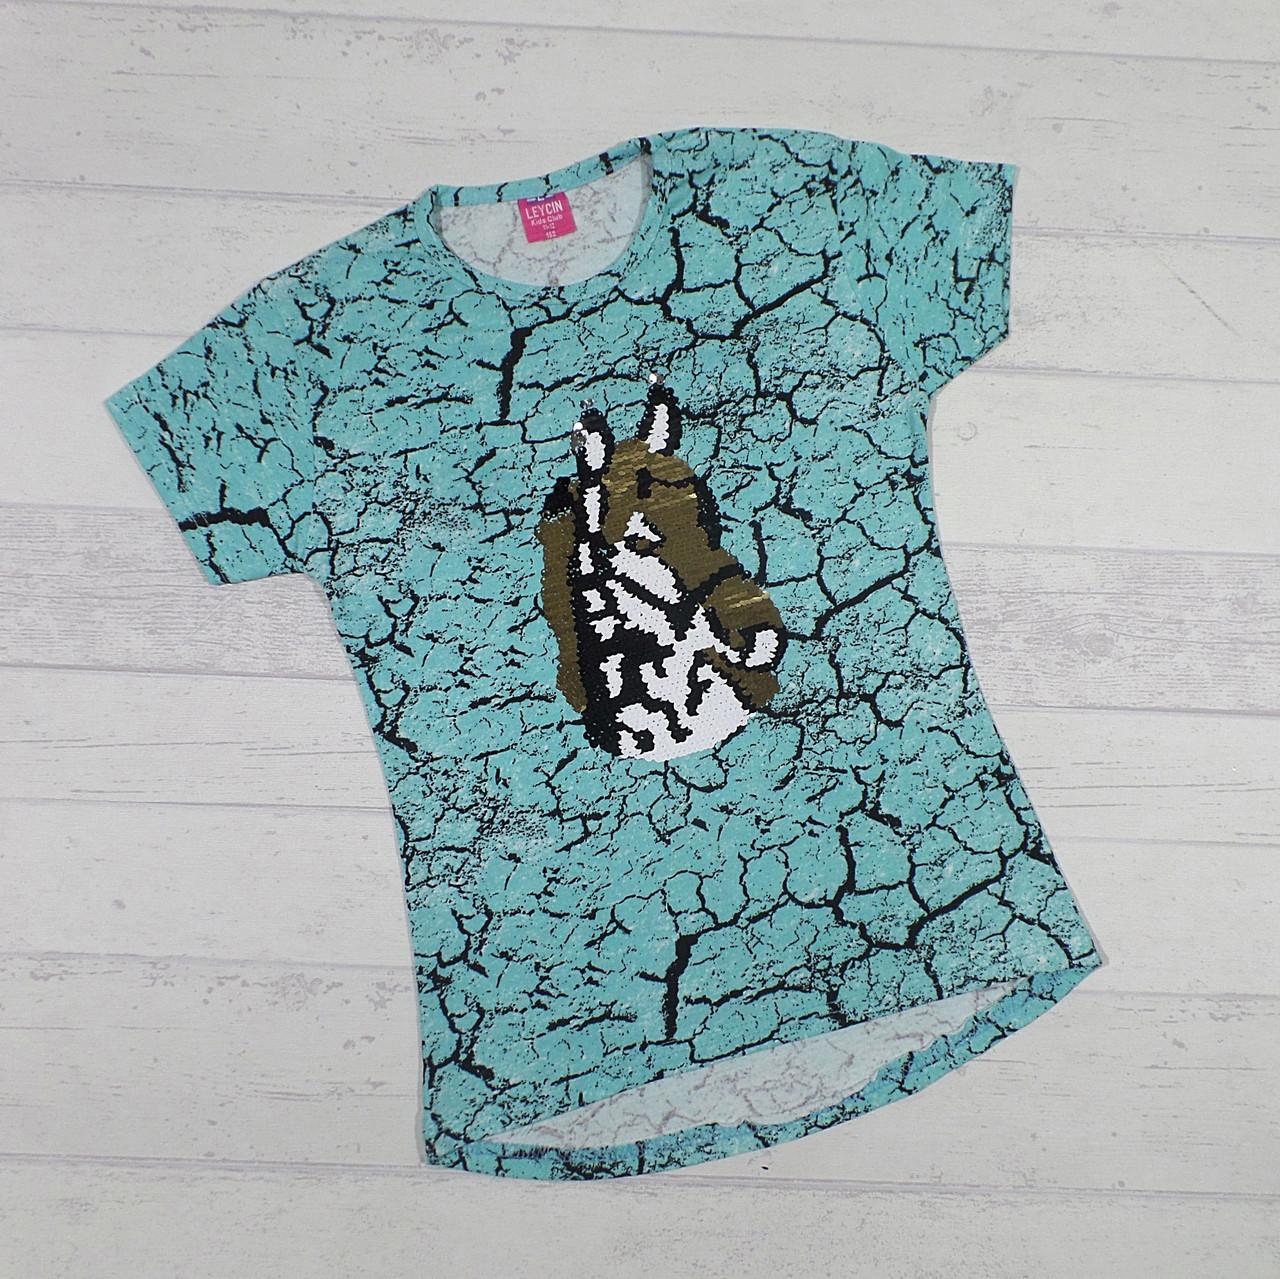 Детская футболка для девочек 8,9,10,11,12 лет (пайетка перевертыш) Лошадь голубой